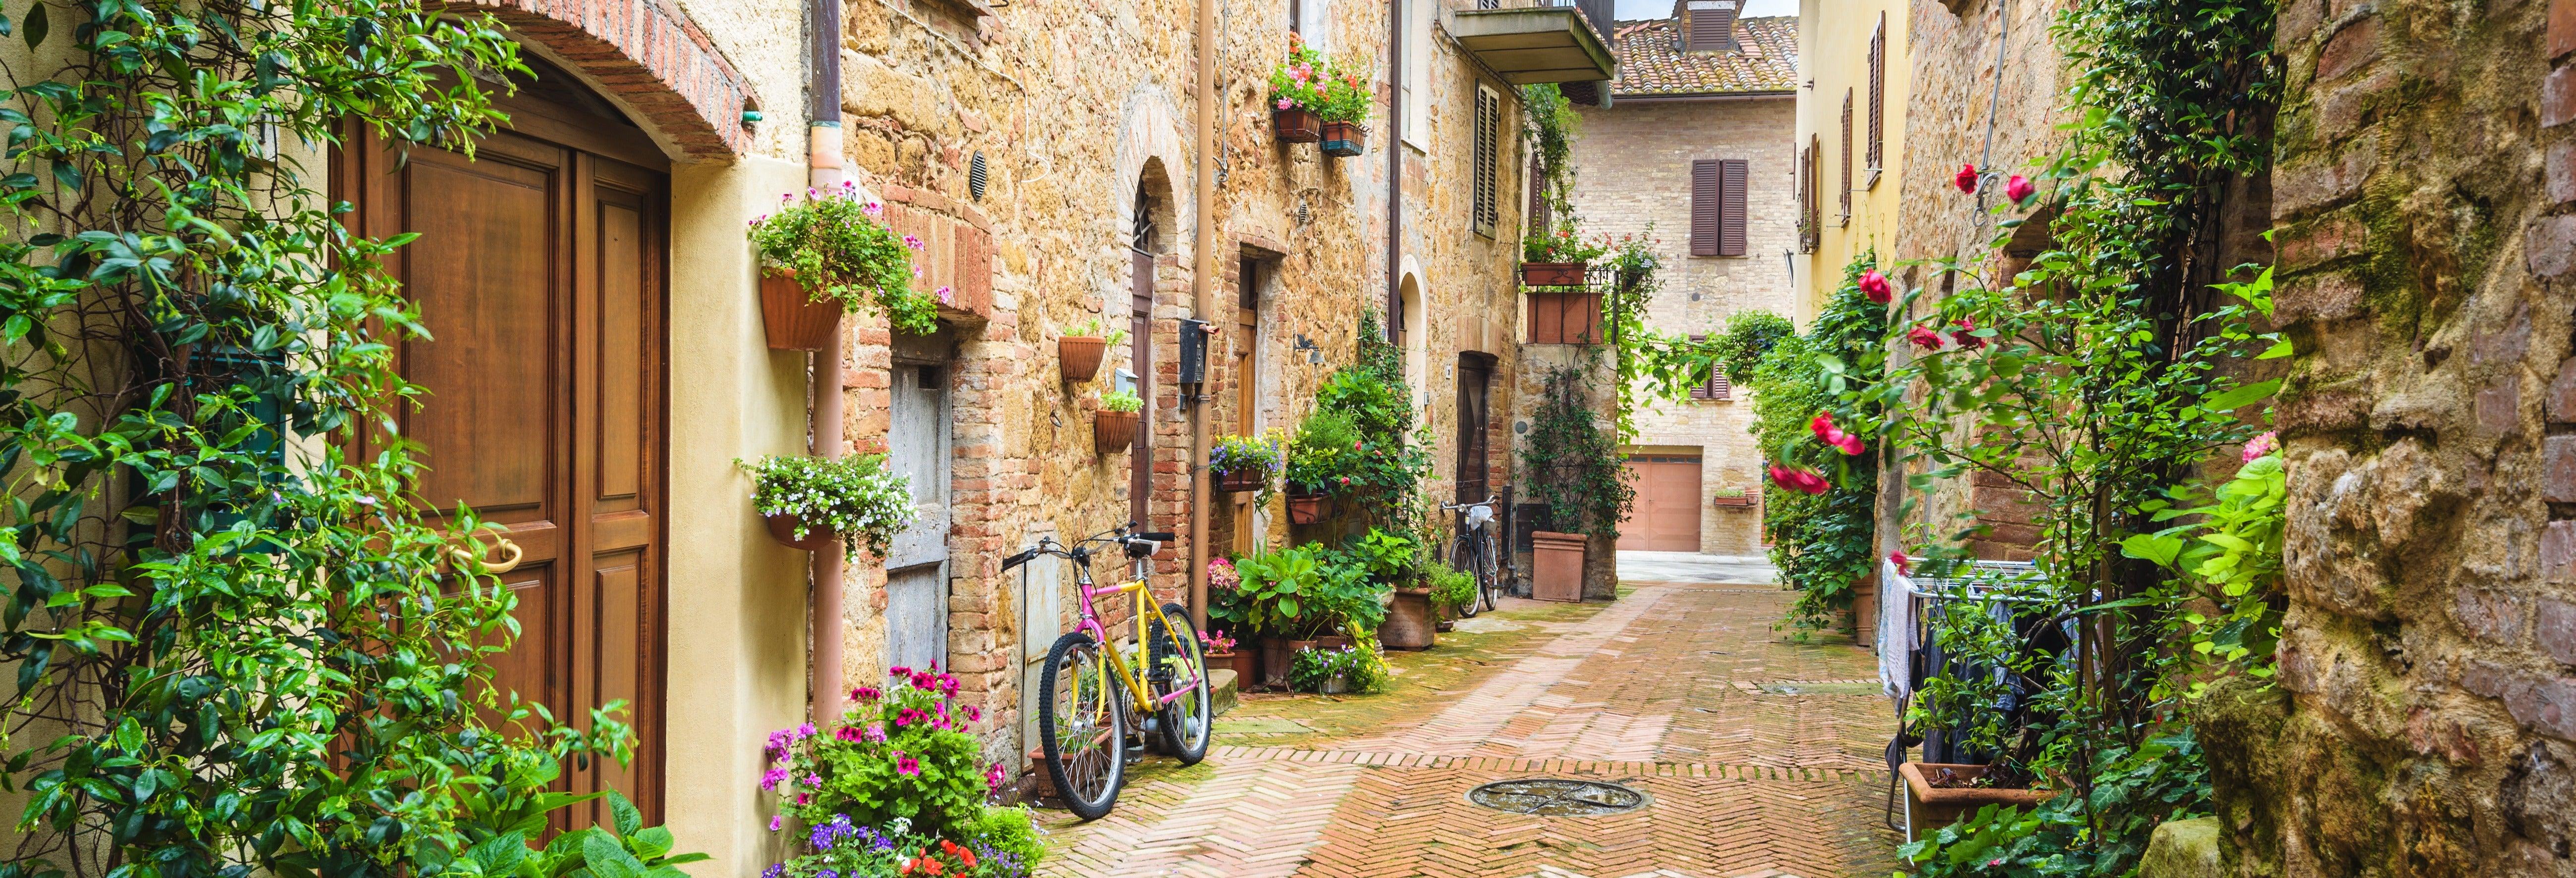 Tour di Montalcino, Pienza e Montepulciano